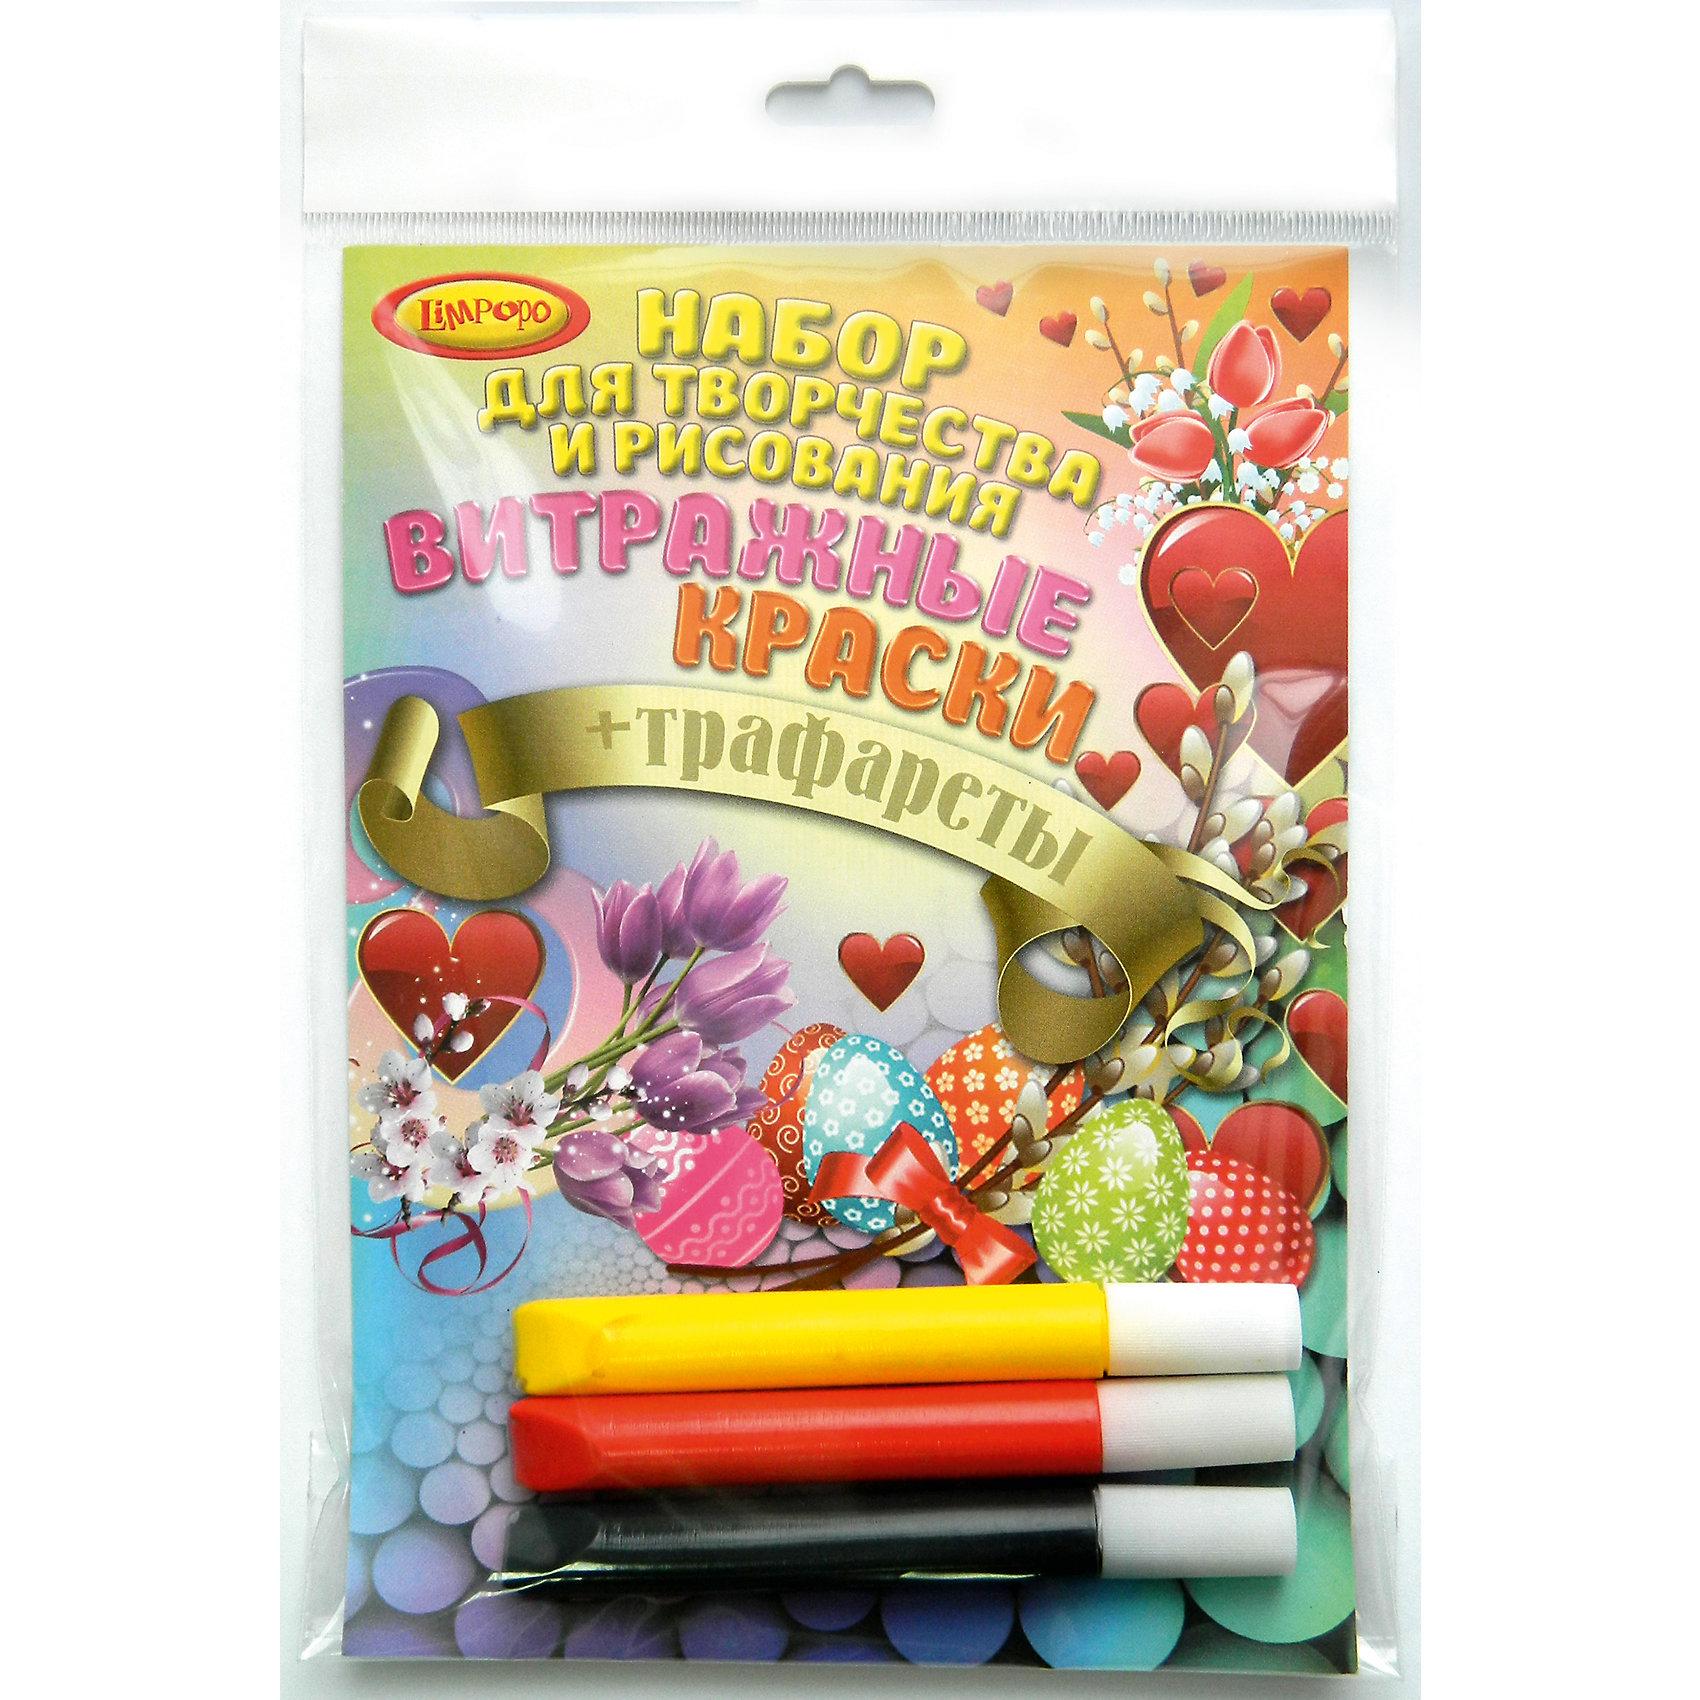 Витражные краски (3 цвета, трафареты)Детские витражи<br>Витражные краски (3 цвета, трафареты)<br><br>Характеристики:<br><br>• Количество цветов: 3 цвета<br>• В комплекте: трафареты, краски<br>• Вес: 56гр<br>• Размер: 245х15х160<br><br>Объемные витражные краски с трафаретами помогут создать красивые рисунки вместе с малышом. Такой набор для детского творчества поможет ребенку не только научиться рисовать, но и разовьет его моторику рук. Краски полностью безопасны для нежной кожи малыша, поэтому их можно использовать с самого раннего возраста.<br><br>Витражные краски (3 цвета, трафареты) можно купить в нашем интернет-магазине.<br><br>Ширина мм: 245<br>Глубина мм: 15<br>Высота мм: 160<br>Вес г: 56<br>Возраст от месяцев: 48<br>Возраст до месяцев: 144<br>Пол: Унисекс<br>Возраст: Детский<br>SKU: 5390337